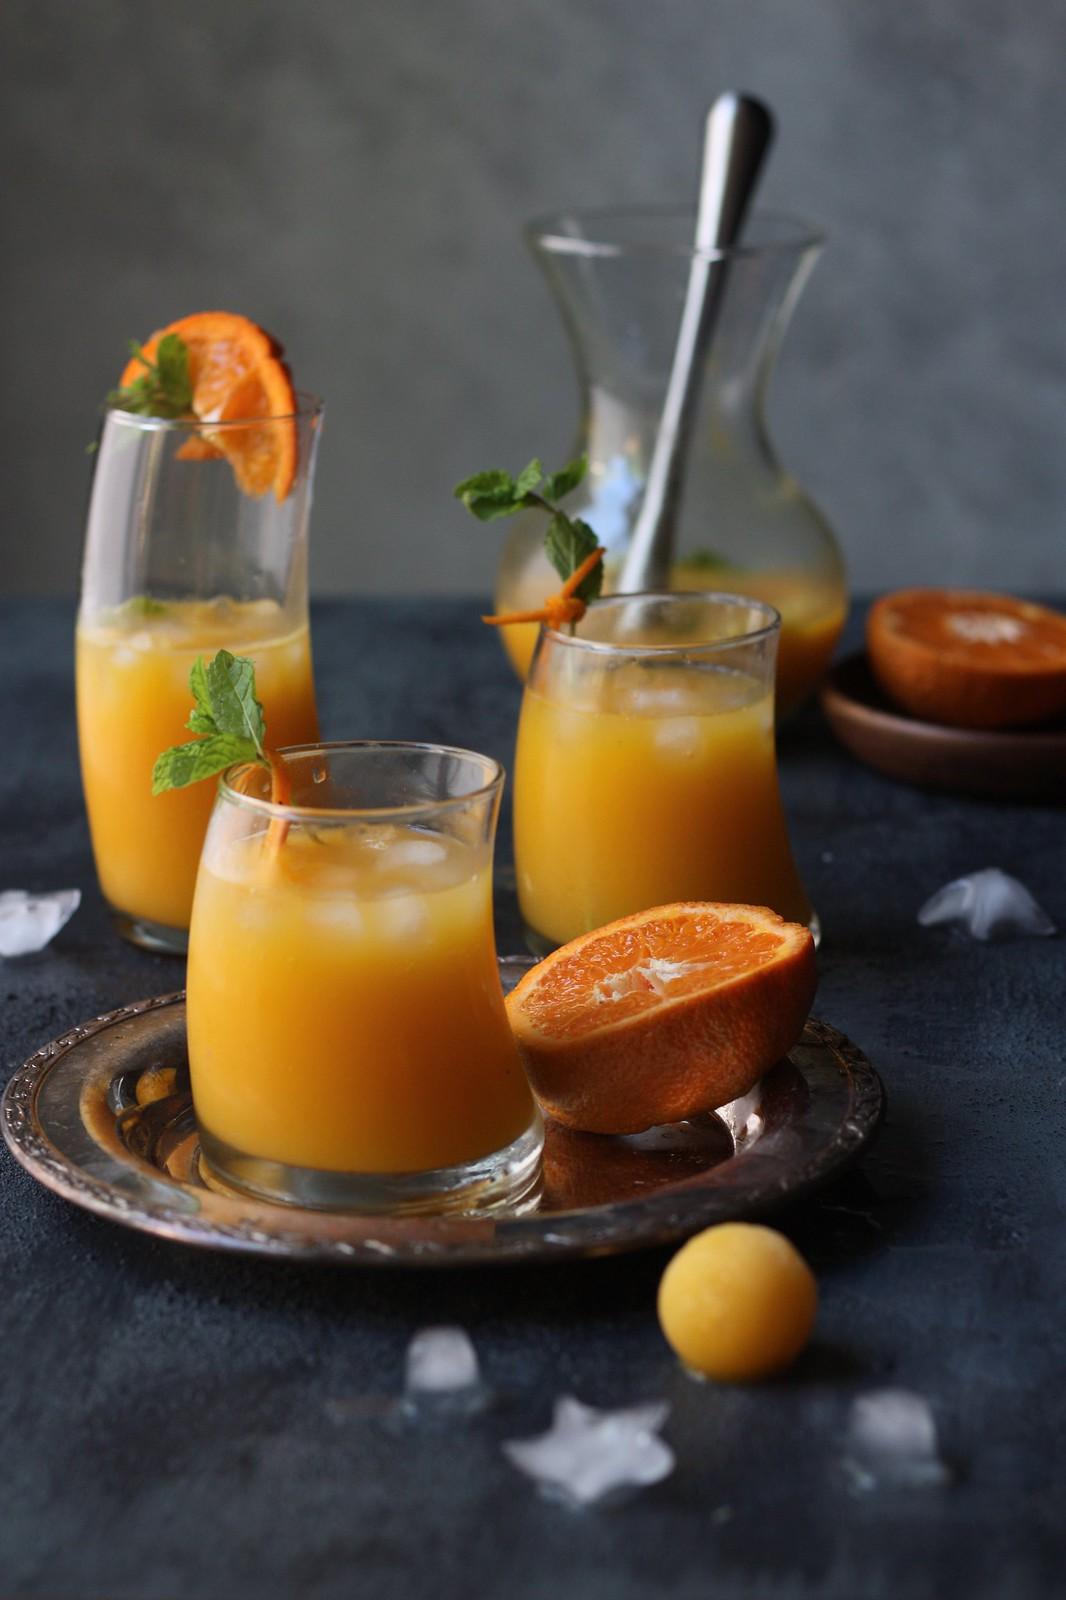 Mango-Orange Fizz with Mint-Cardamom and Lemon